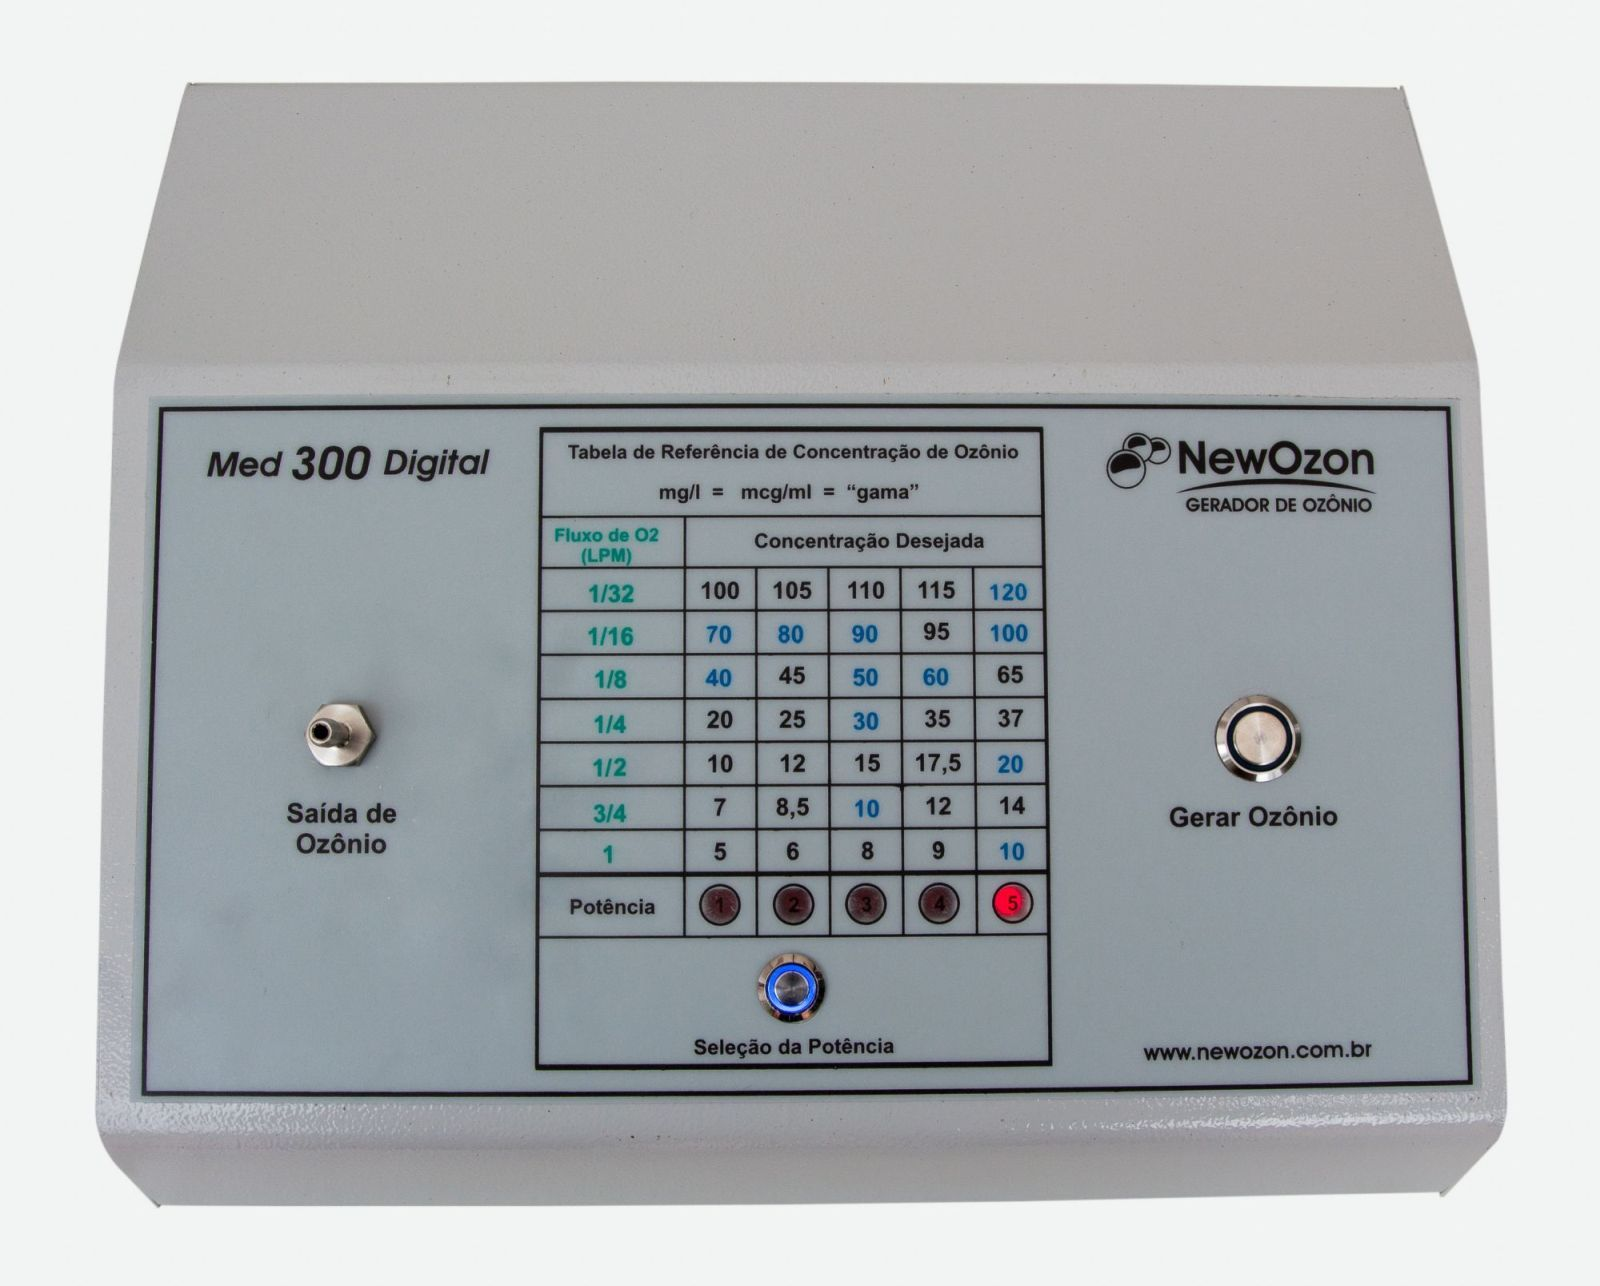 NewOzon Med 300 Titanium Gerador de Ozônio de Uso Medicinal, indicado para uso Médico, Odontológico ou Veterinário. 35 concentrações de ozônio disponíveis em 5 níveis de potencia.